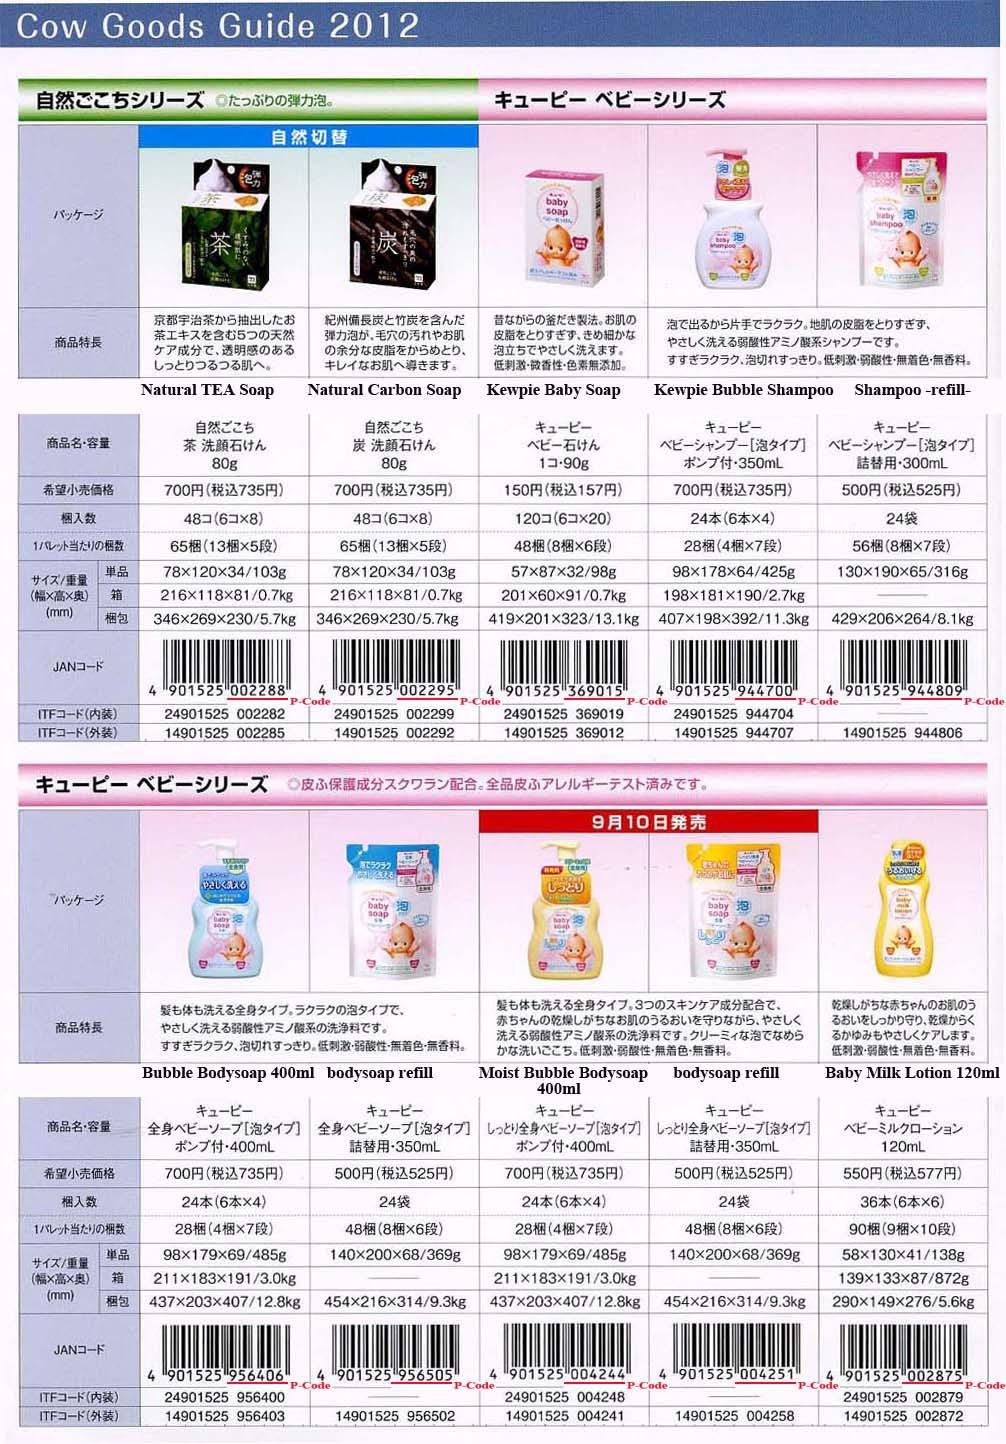 Kewpie Baby Foaming Body Soap Pump 400ml Daftar Harga Terlengkap Shampoo Refill 300ml Bubble Bodysoap Moist Milk Lotion